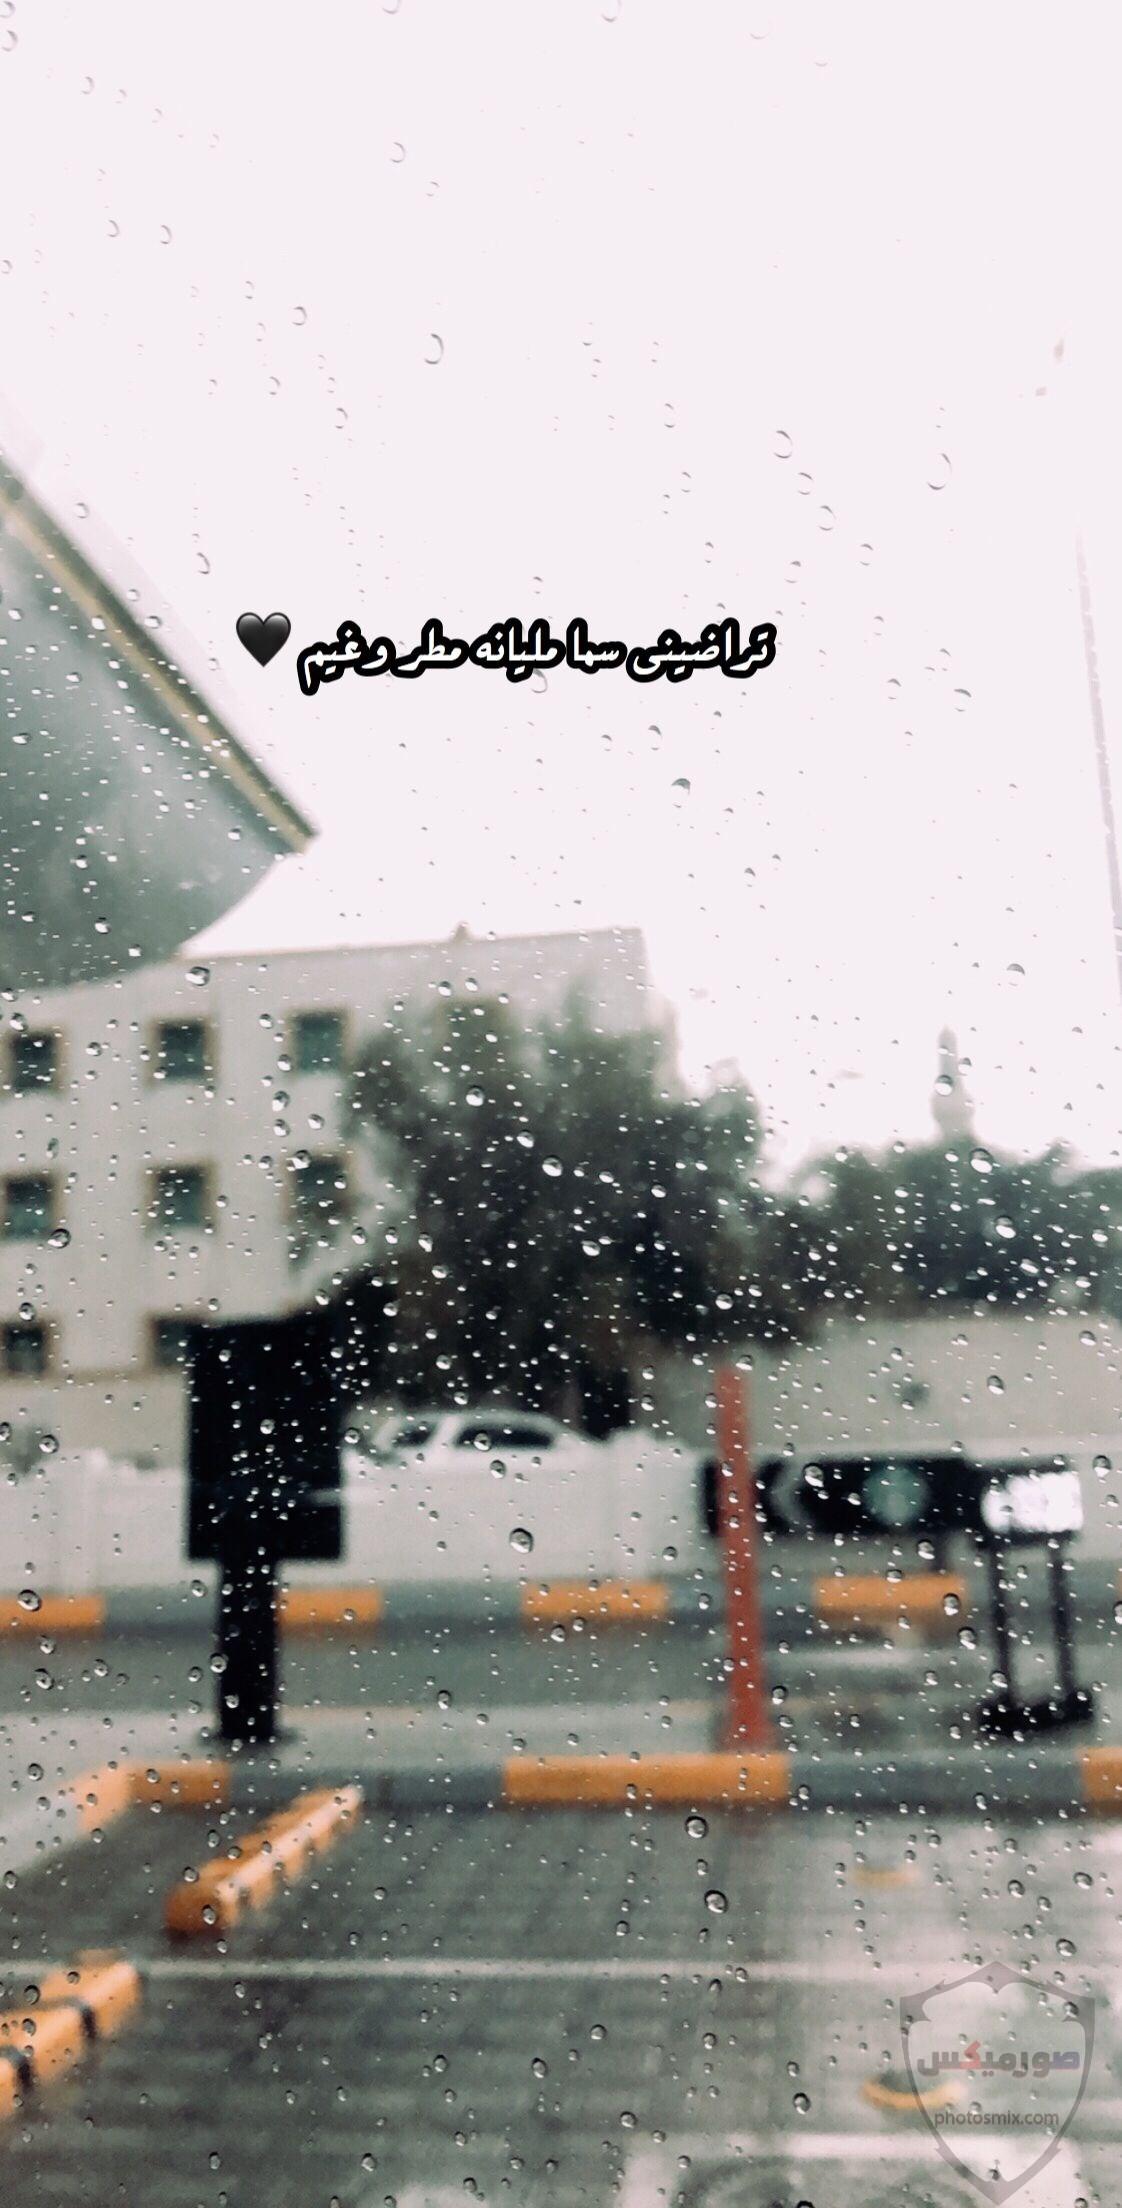 صور مطر 2020 اجمل الصور والعبارات عن المطر 4 1